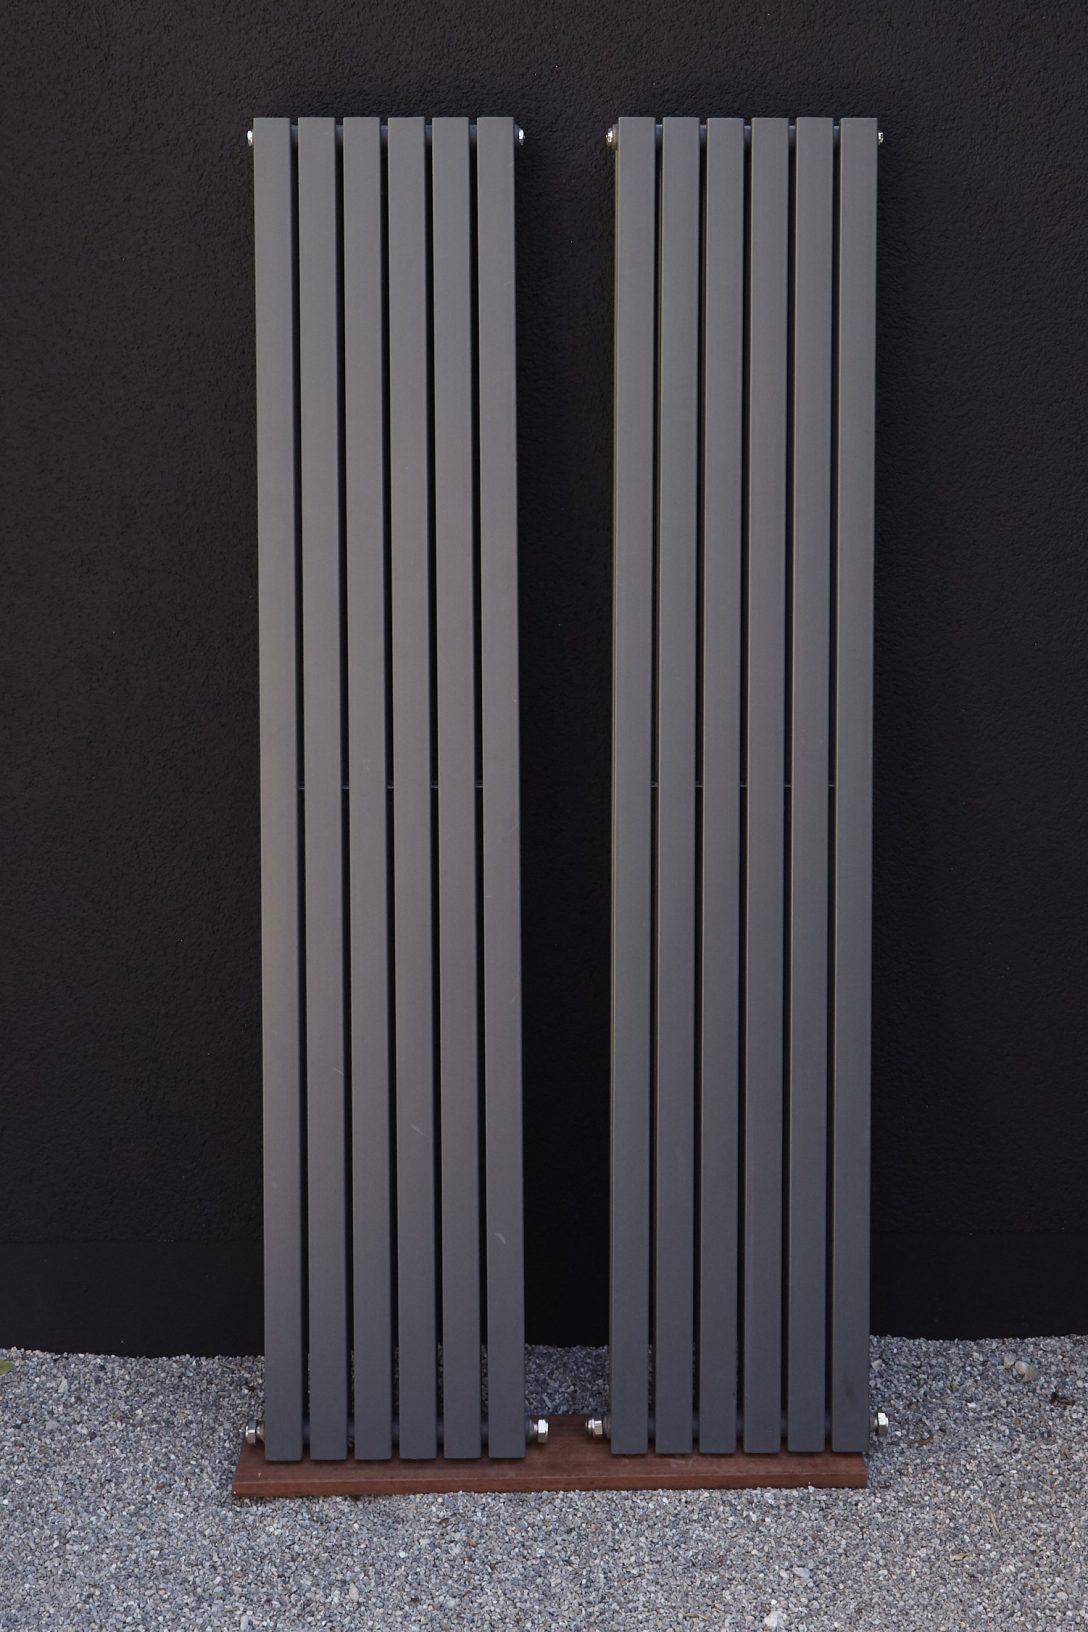 Large Size of Heizkörper Kaufen Heizkrper Auf Einbauküche Bad Fenster In Polen Gebrauchte Küche Für Sofa Günstig Mit Elektrogeräten Duschen Bett Hamburg Amerikanische Wohnzimmer Heizkörper Kaufen